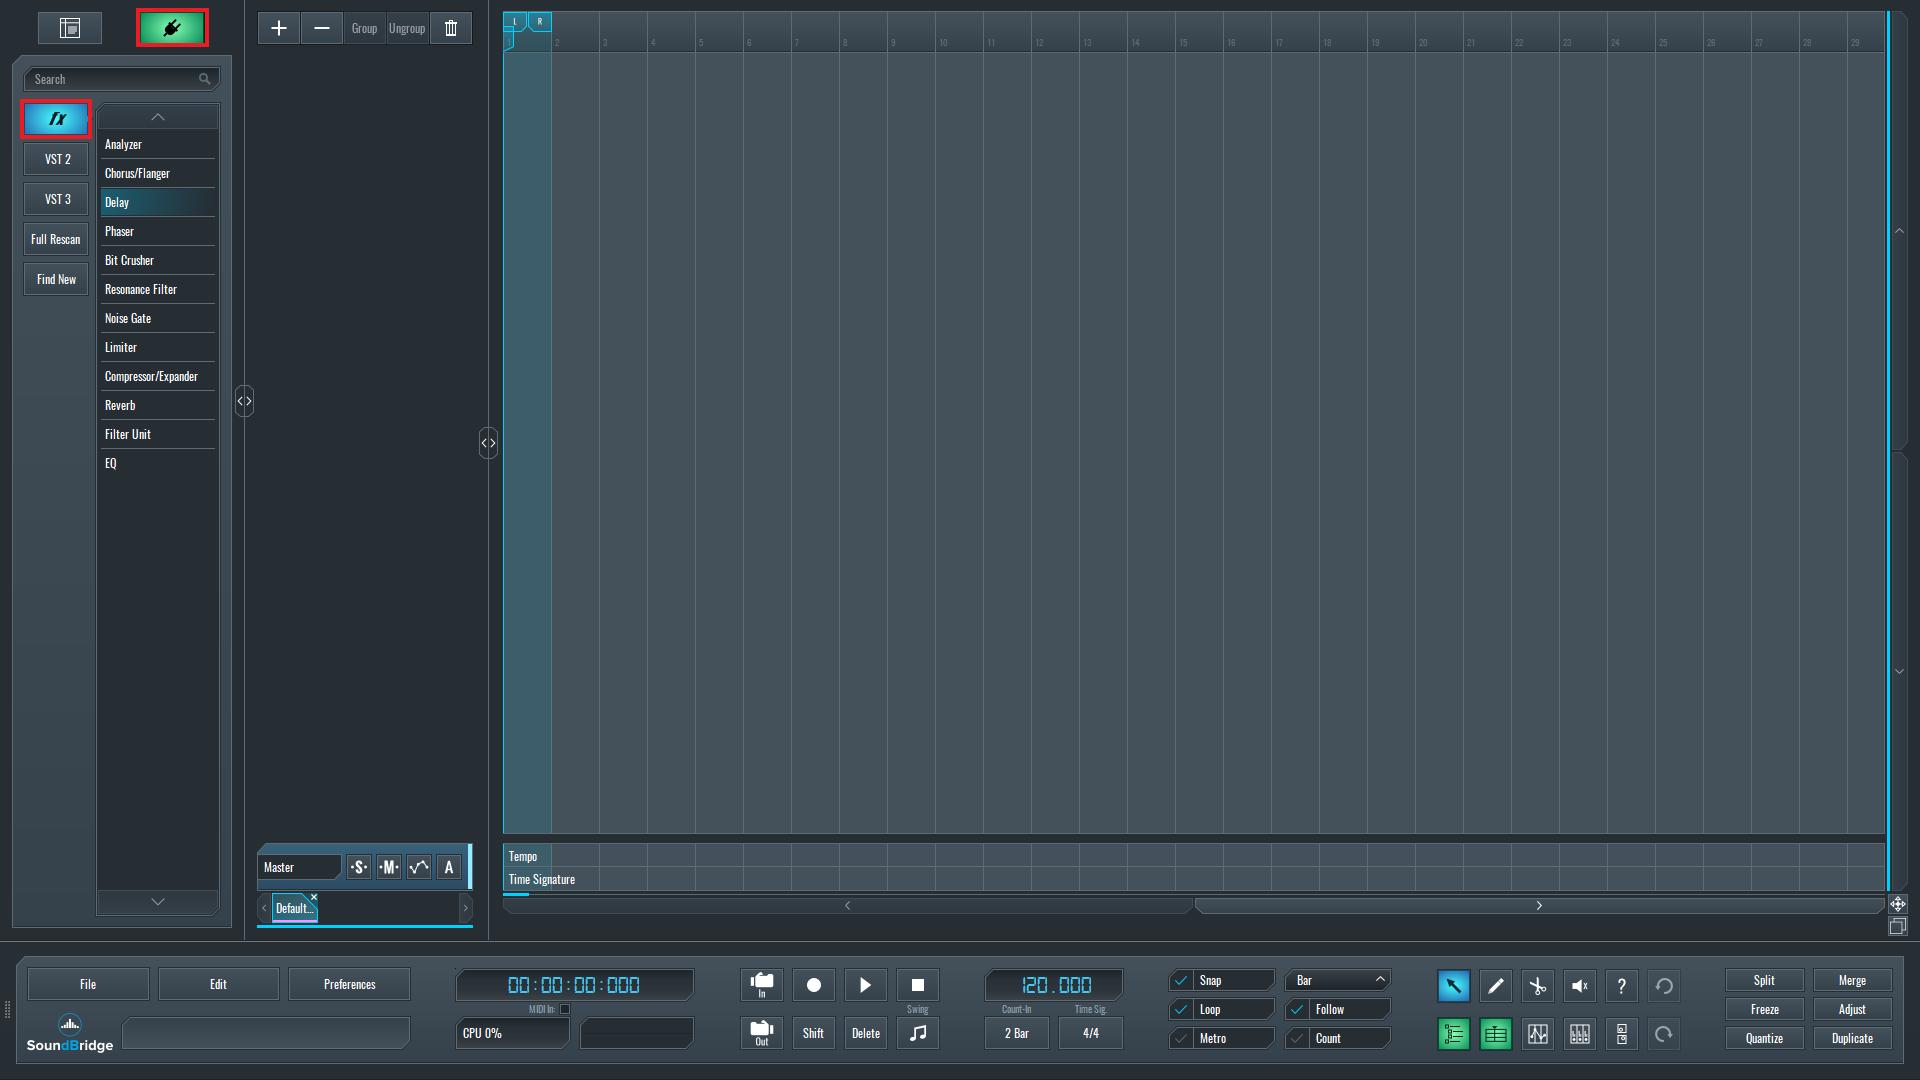 SoundBridge Widgets: Built-in Effects (Part 1)